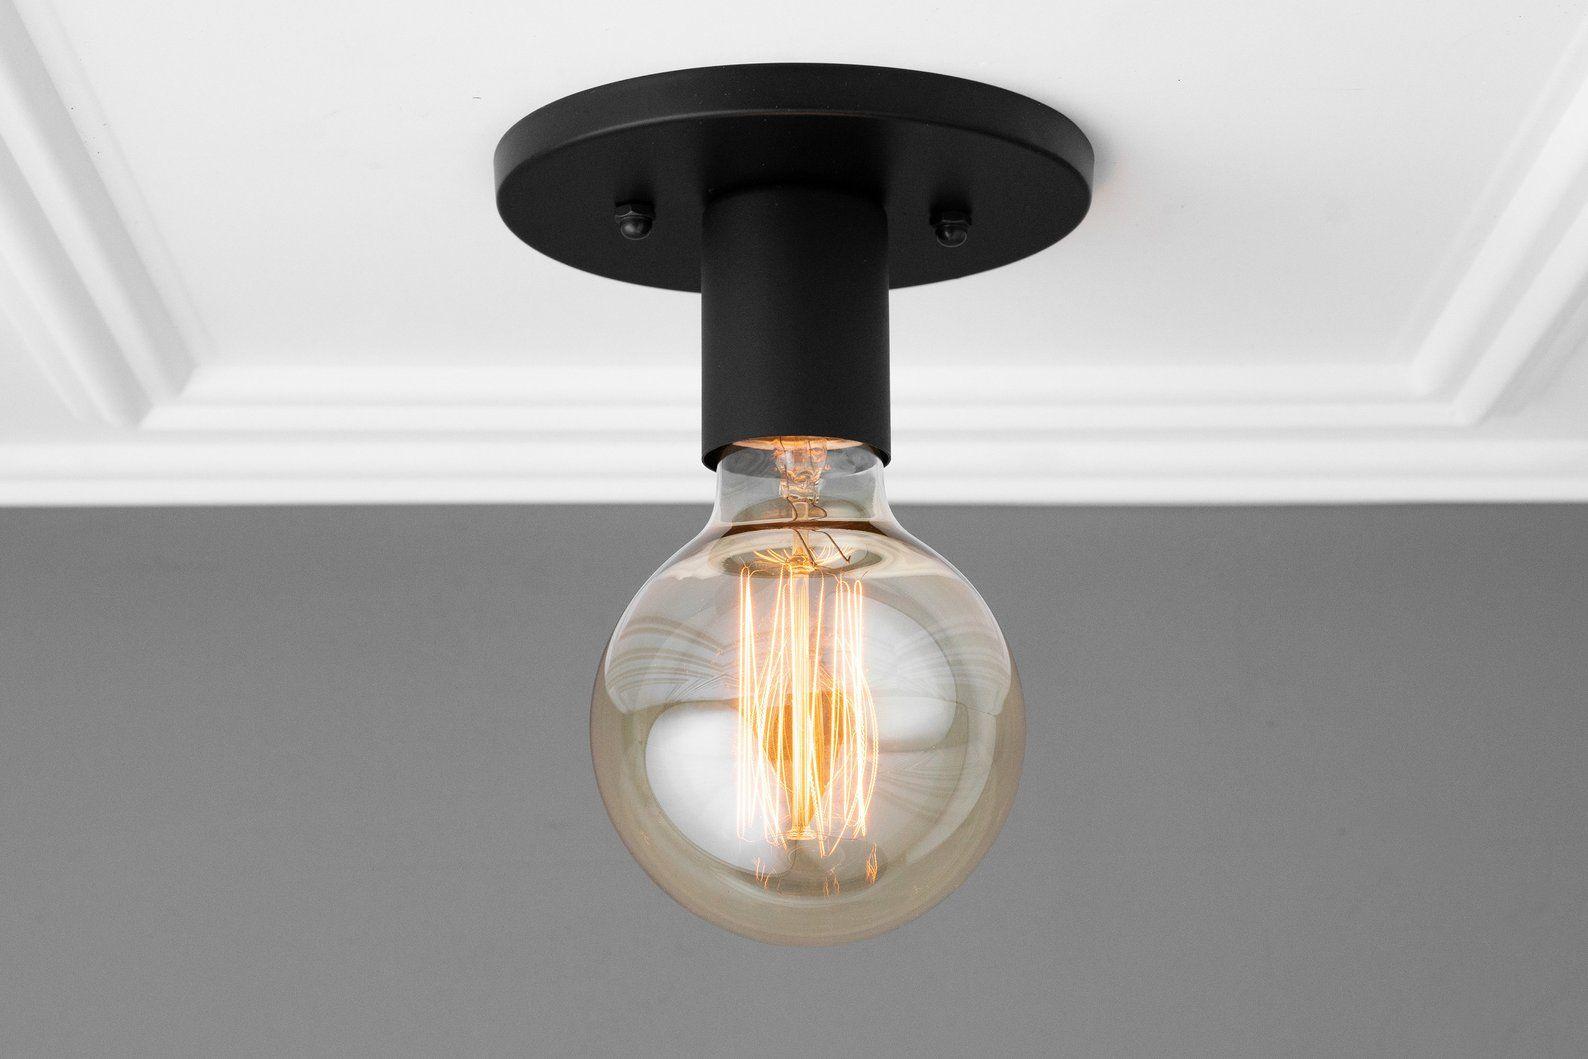 Light Fixture Flush Mount Ceiling Light Wall Sconce